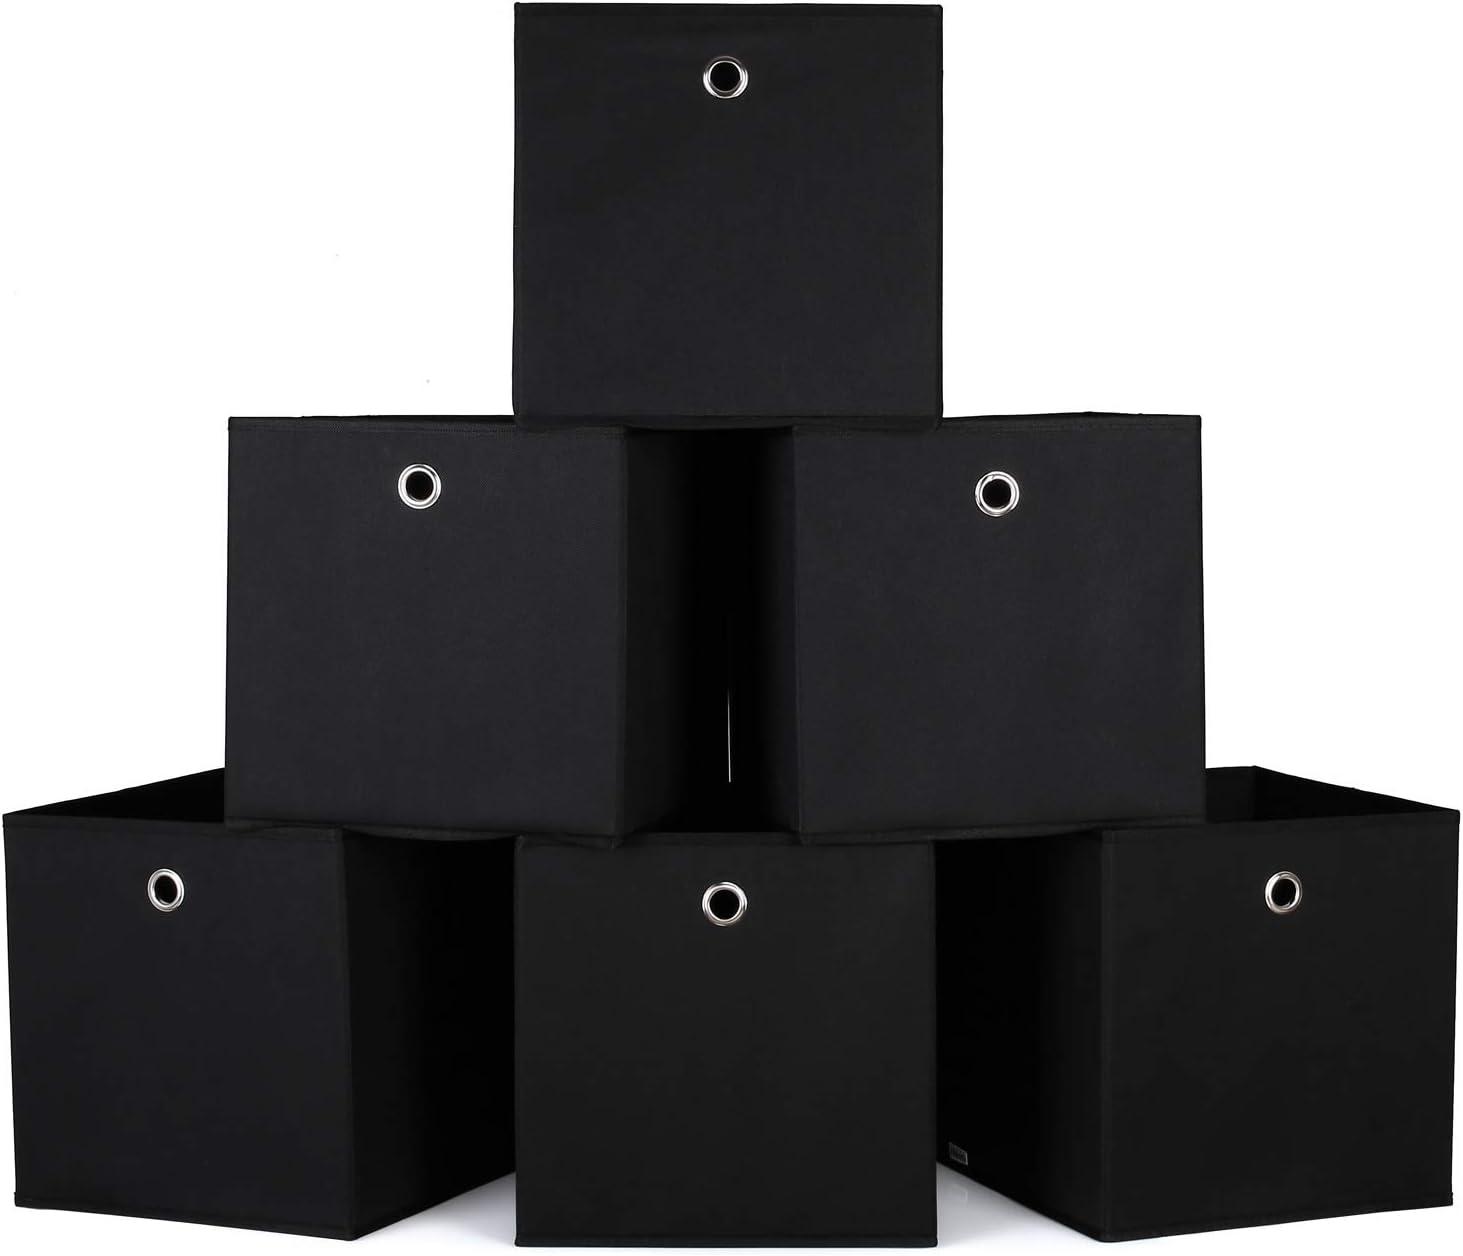 Fischgr/ätenmuster Grau mit Ledergriffe Und Etikettenhalter homyfort 4er Set Faltbare aufbewahrungsboxen stoffbox faltbox 33 x 38 x 33 cm XROB38P4